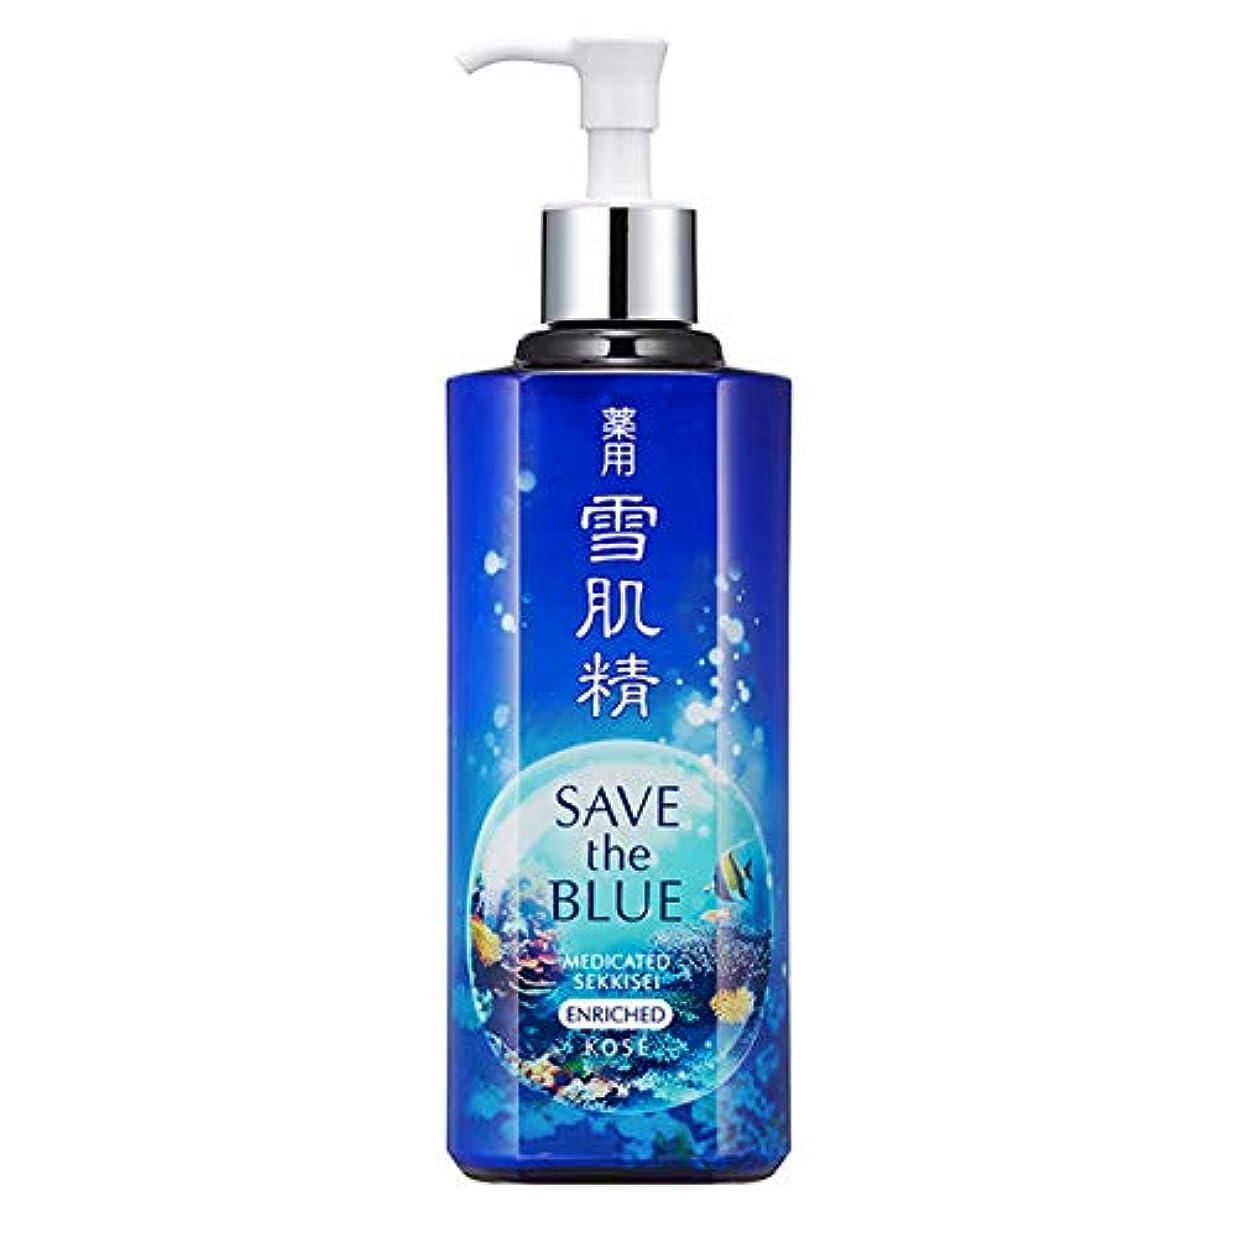 嵐美徳椅子コーセー 雪肌精 エンリッチ 「SAVE the BLUE」デザインボトル(しっとりタイプ) 500ml